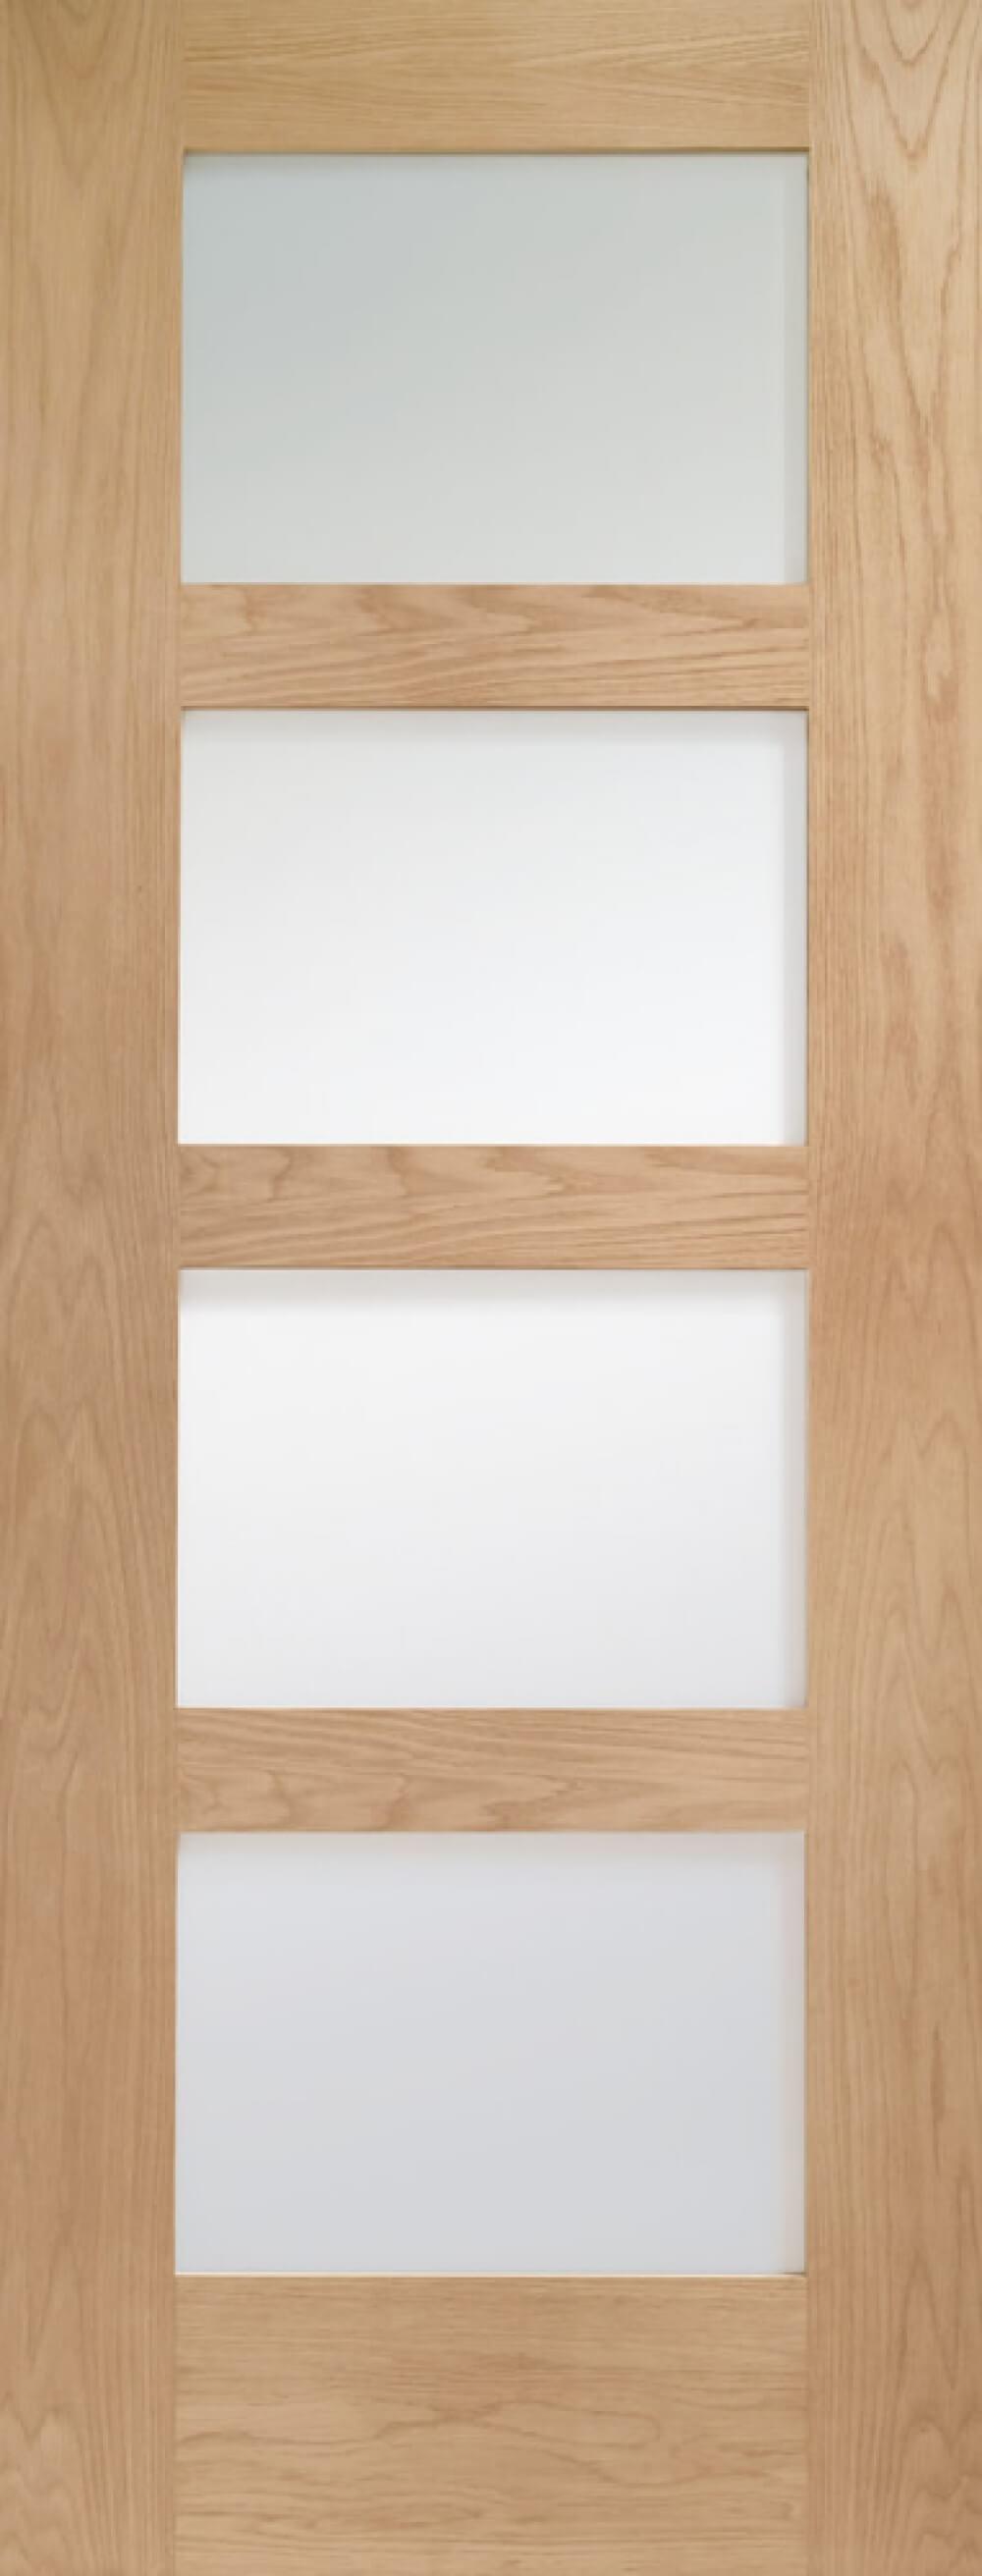 Shaker 4 Light Oak Glazed Door - Obscure